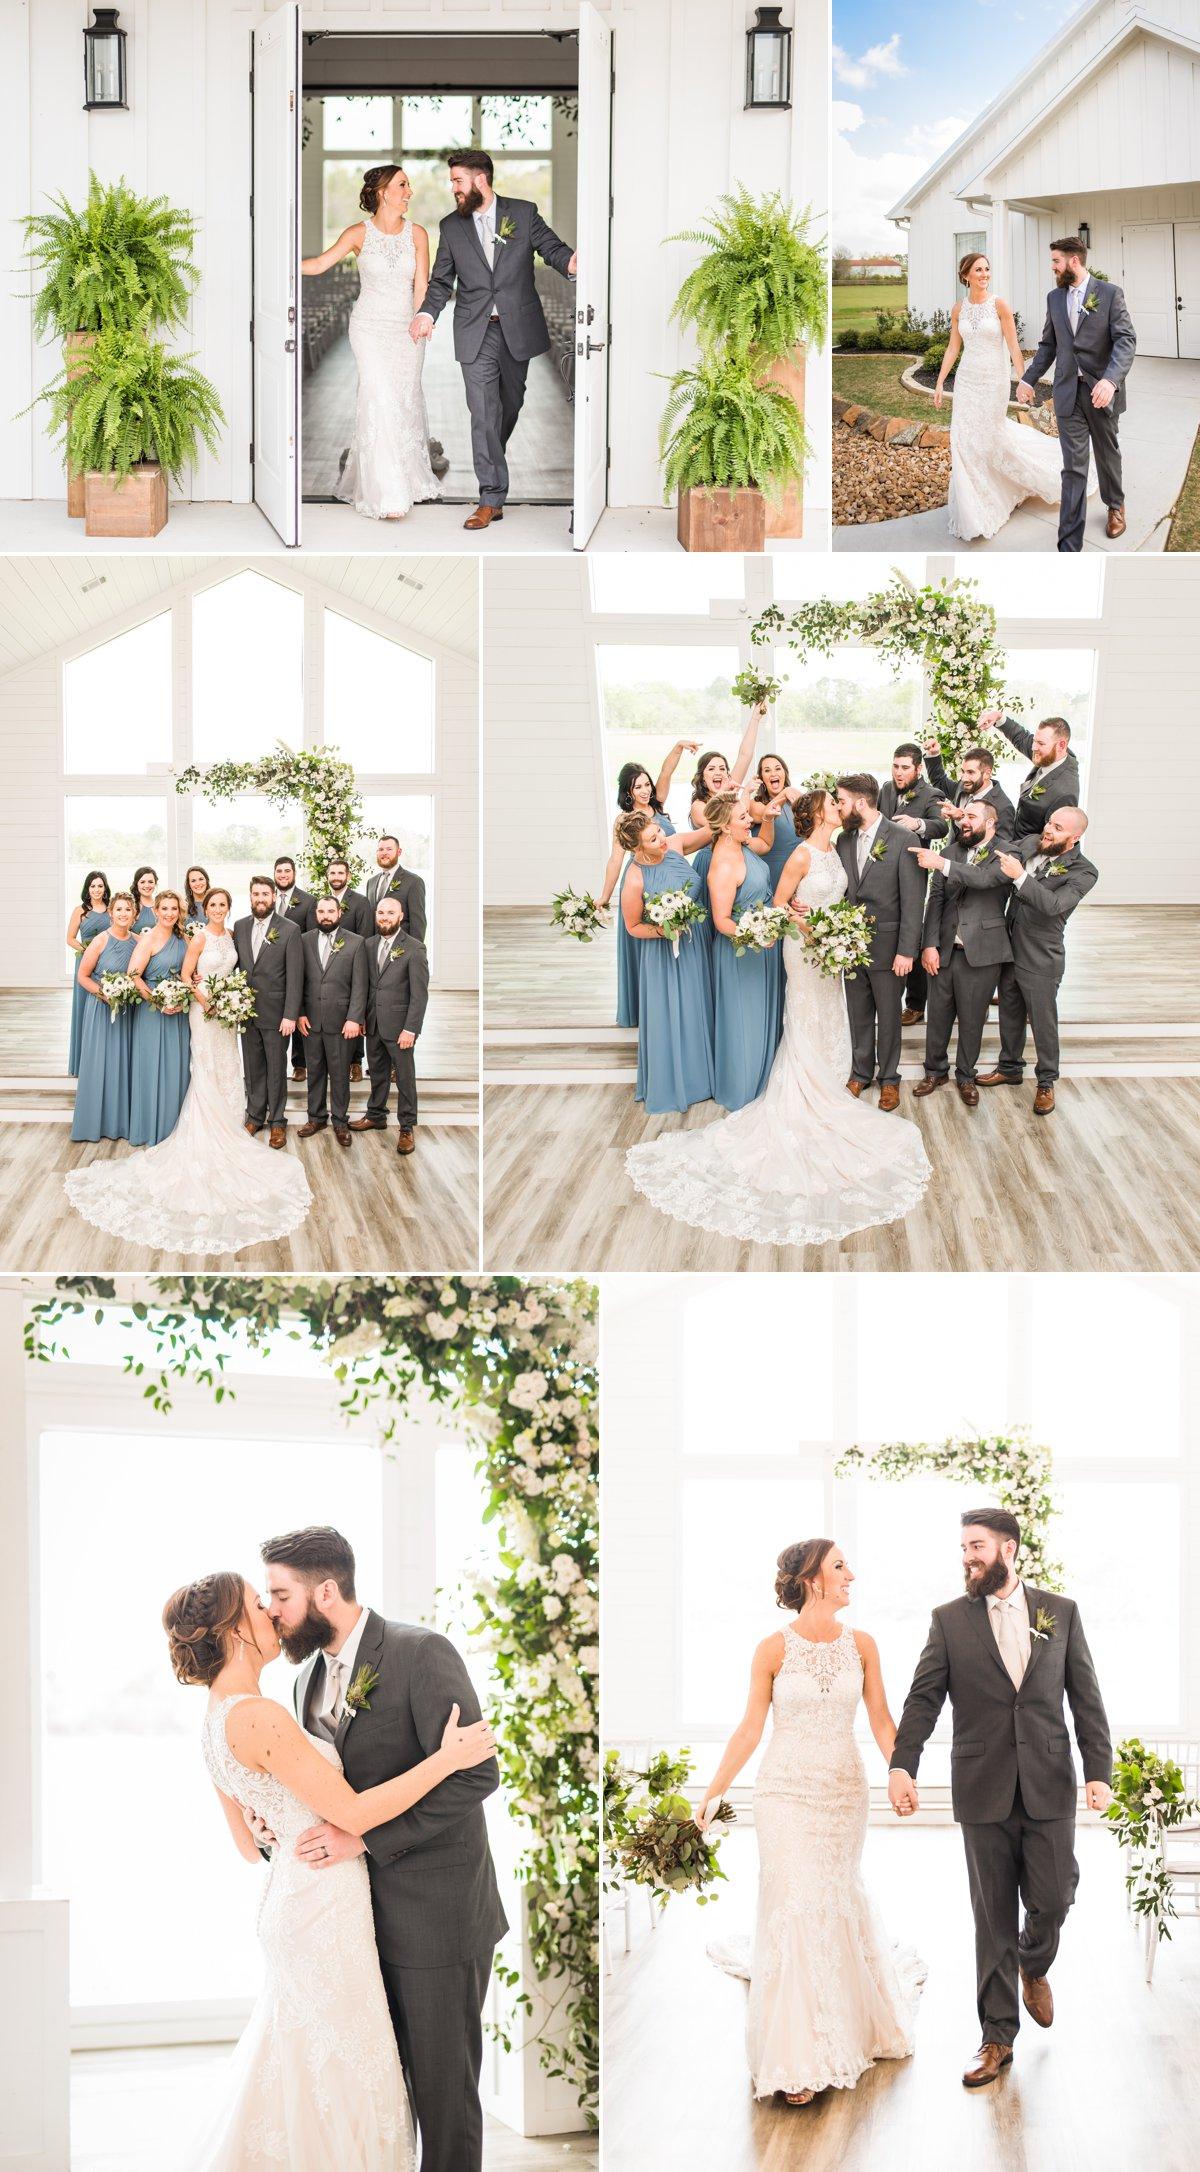 The Farmhouse Wedding Venue Houston